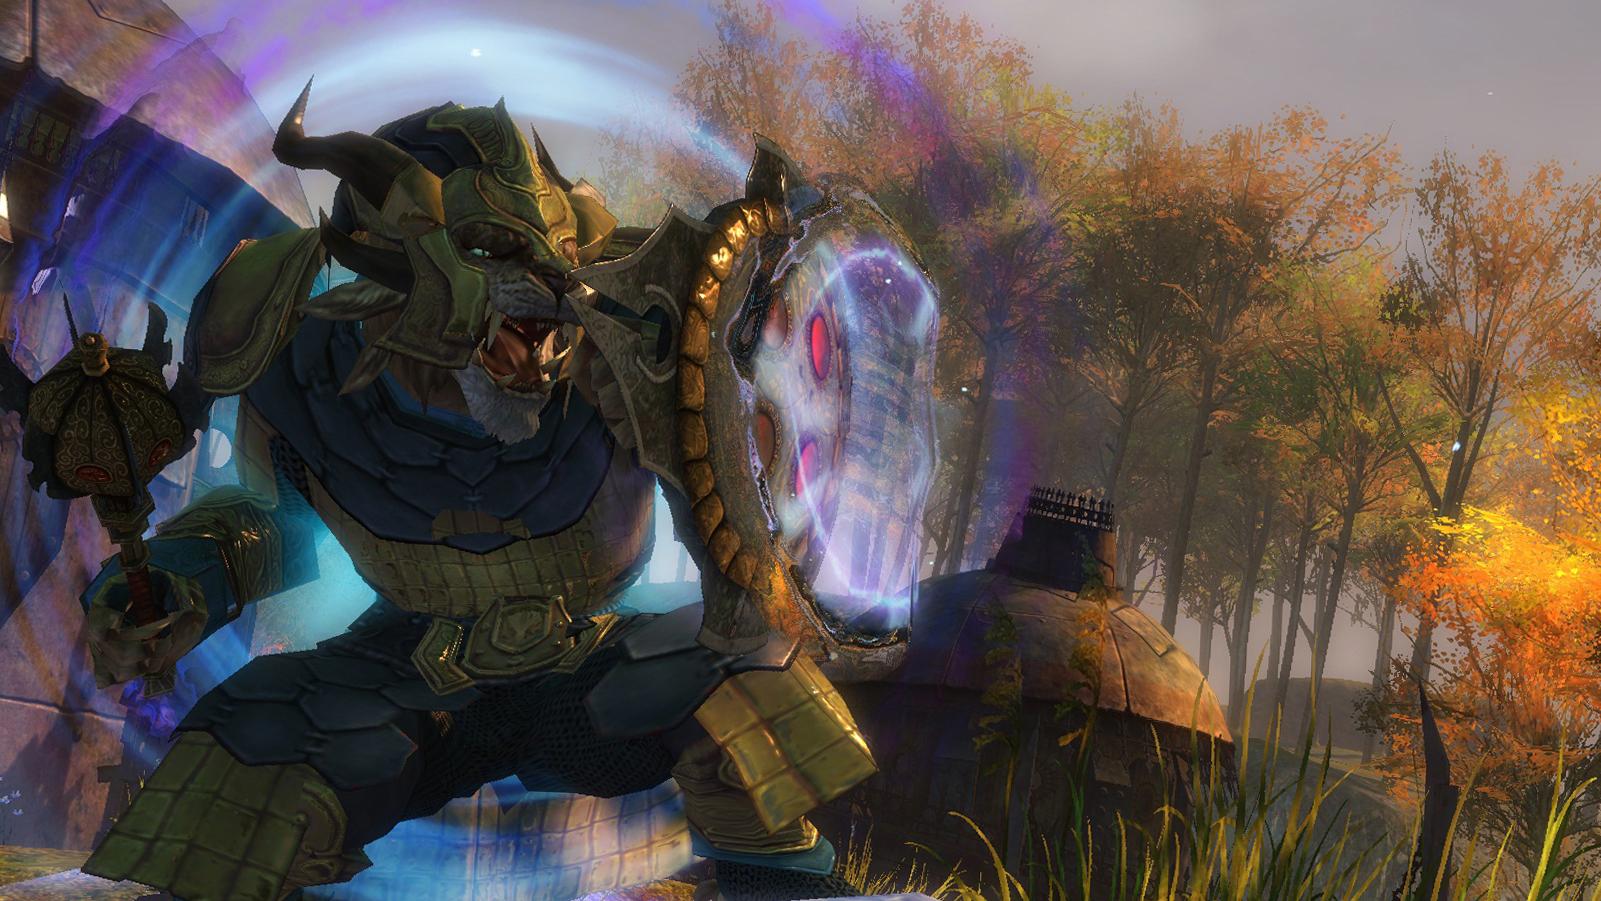 Guardian z Guild Wars 2 v detailech 30270